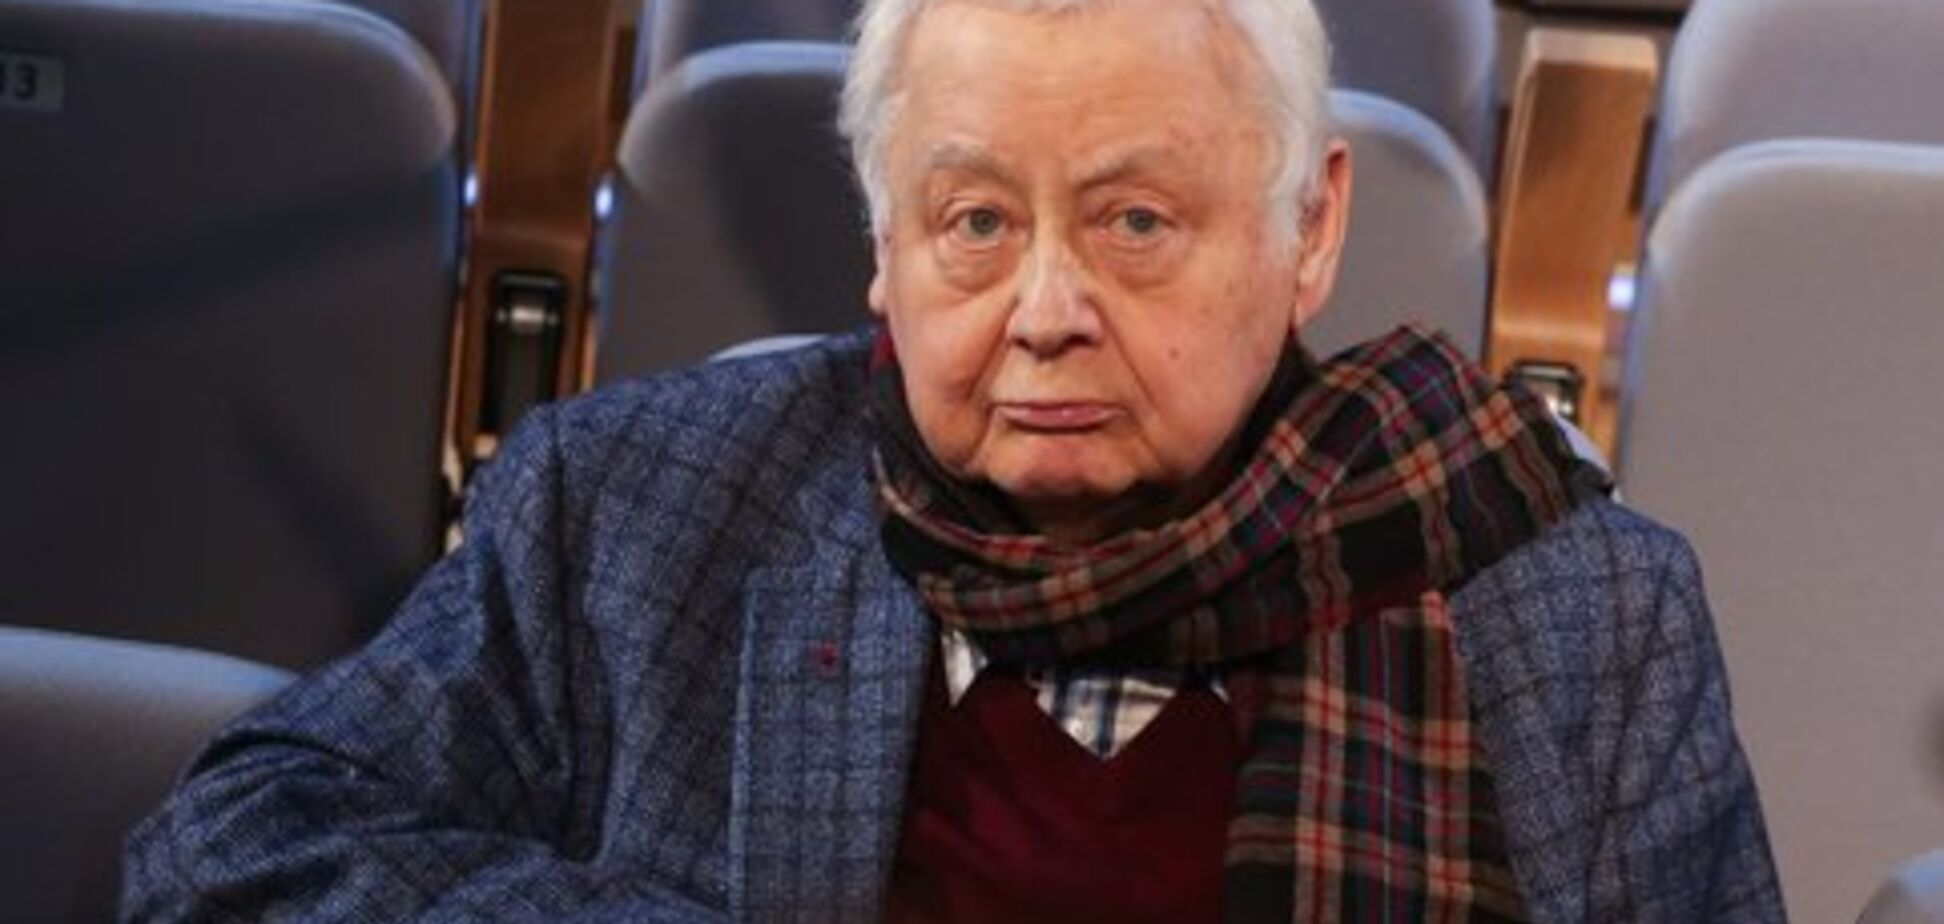 Олег Табаков: біографія померлого актора